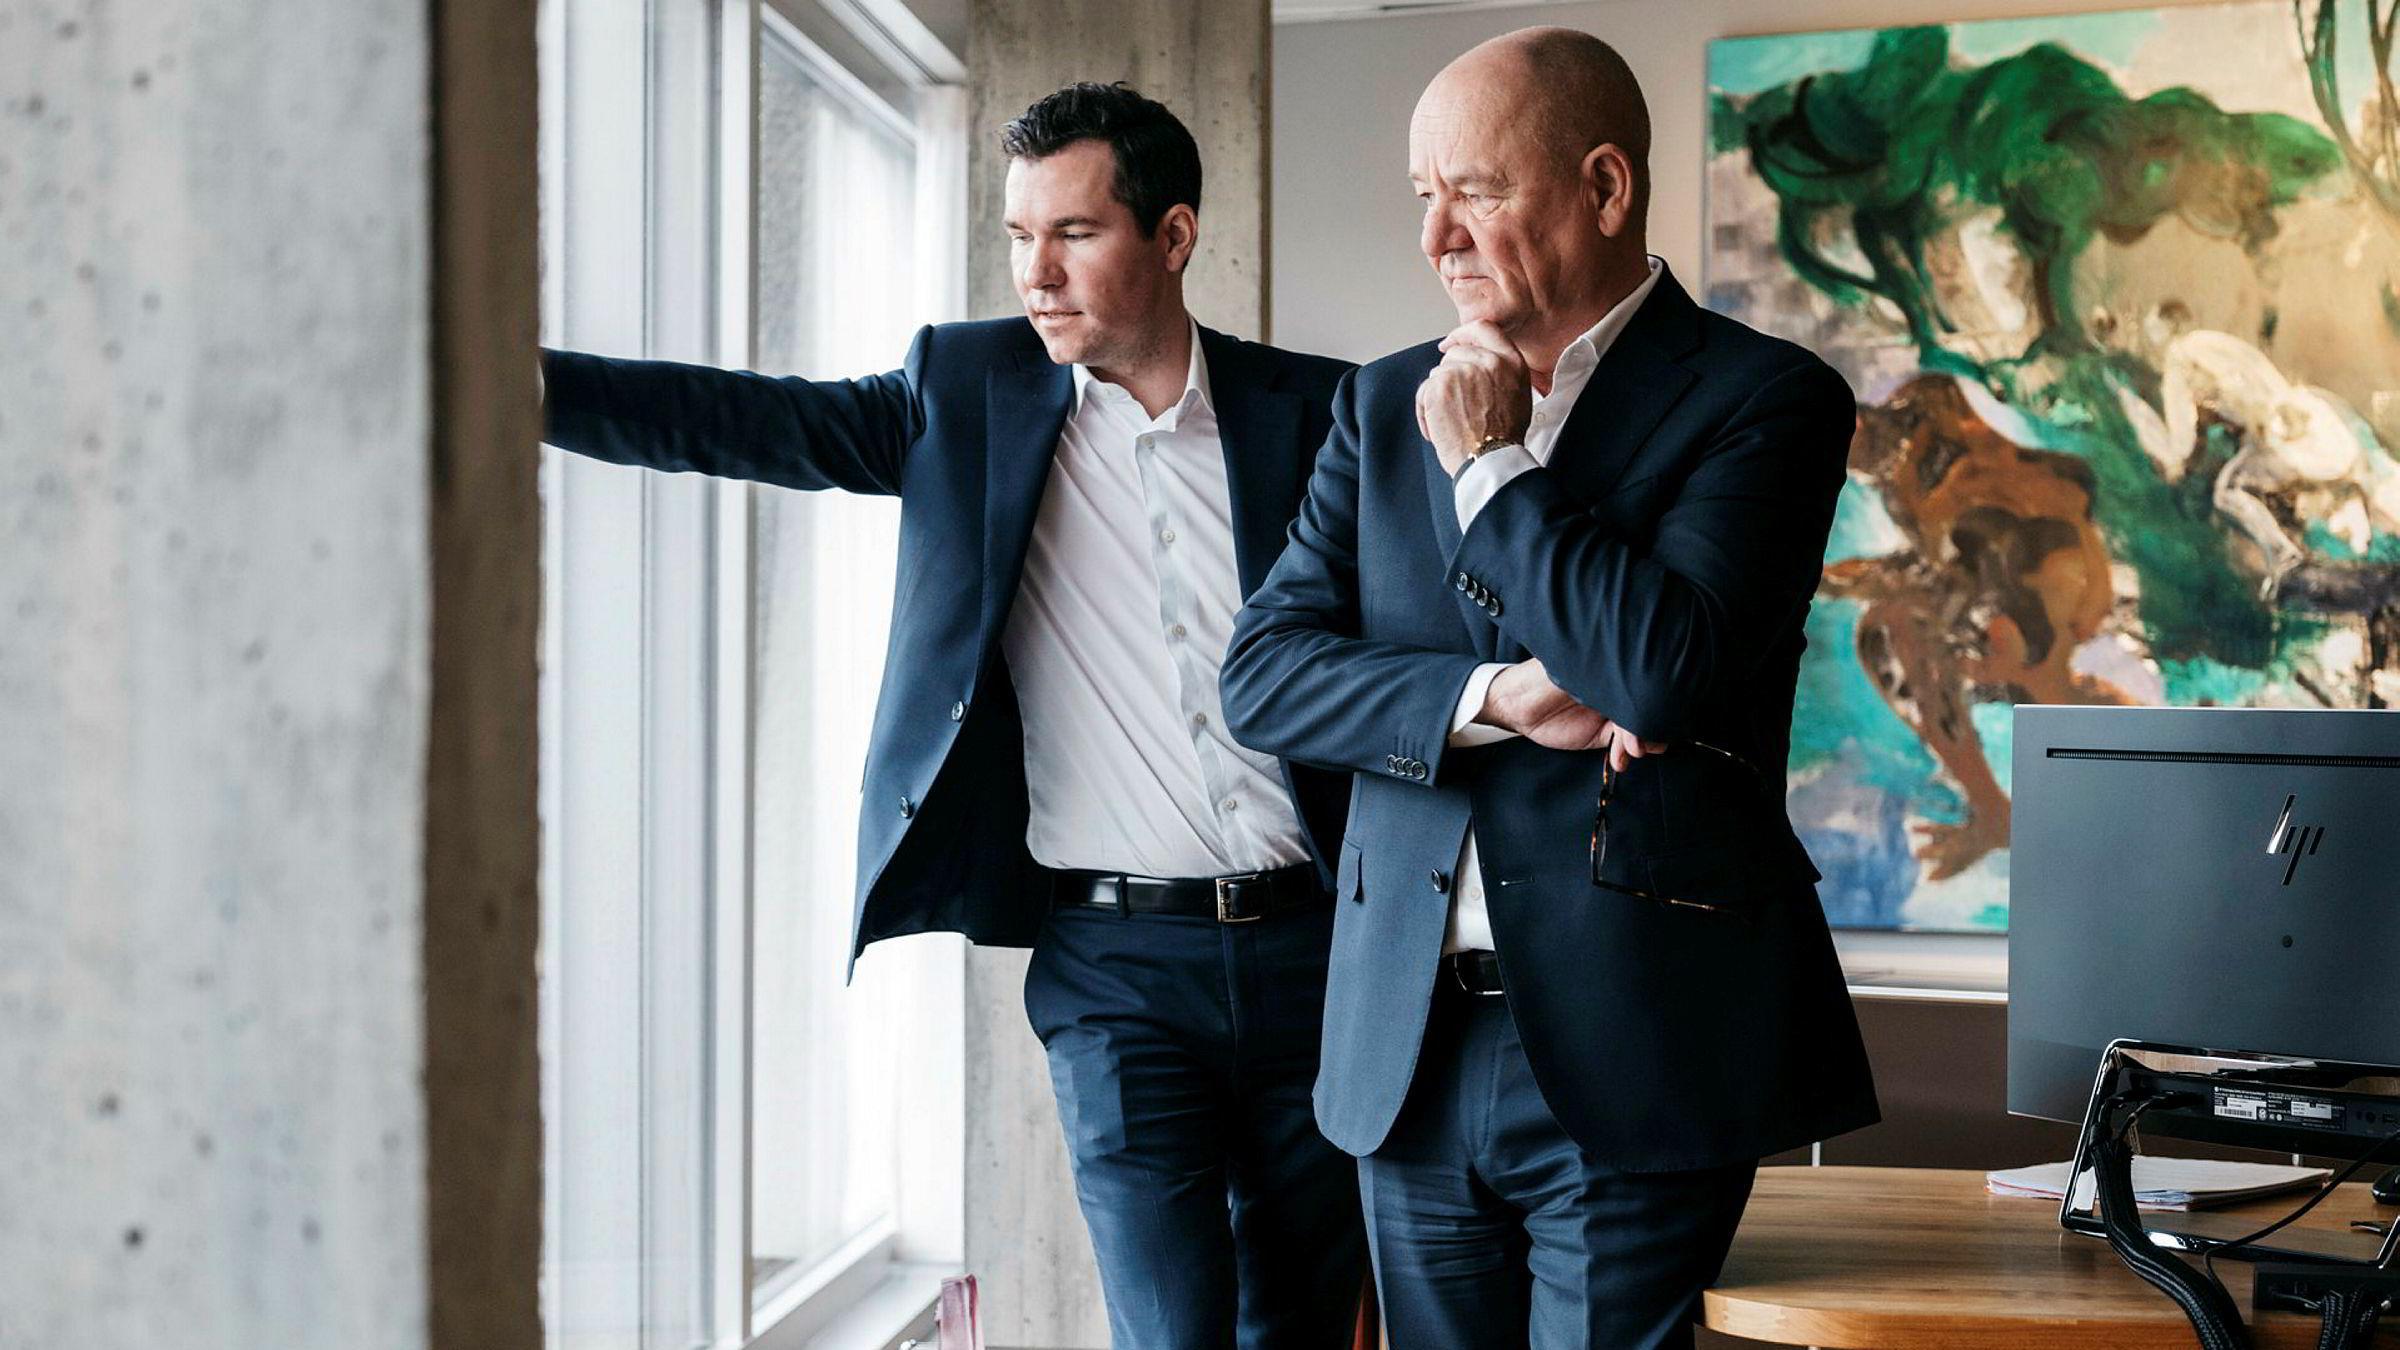 Sindre Ertvaag (til venstre) sammen med faren John Arild Ertvaag i familieselskapet Camars kontorer i Stavanger sentrum. Sammen forvalter de to en formue på 1,3 milliarder kroner.